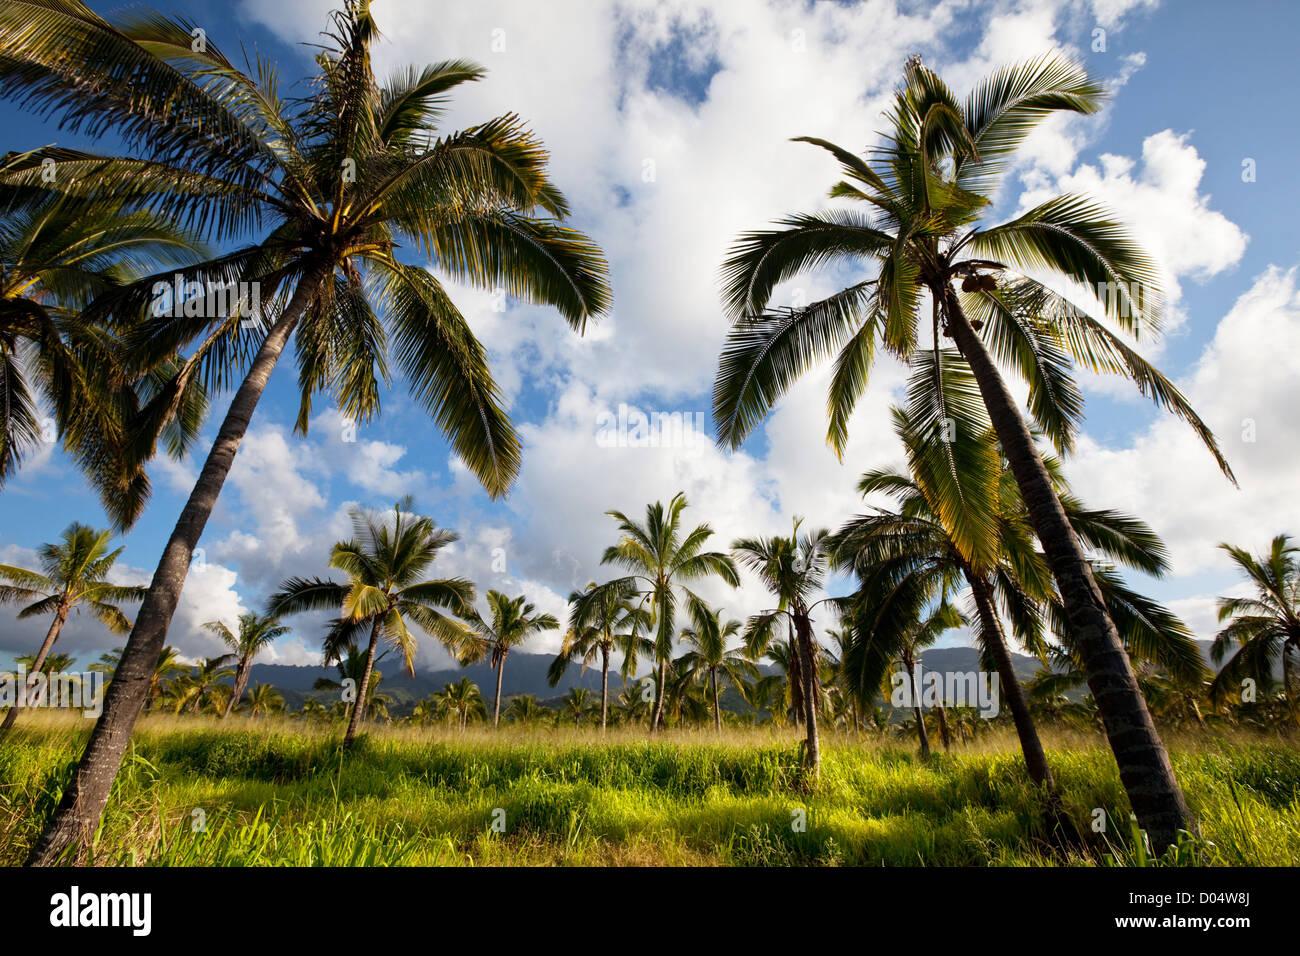 Palm-tree - Stock Image